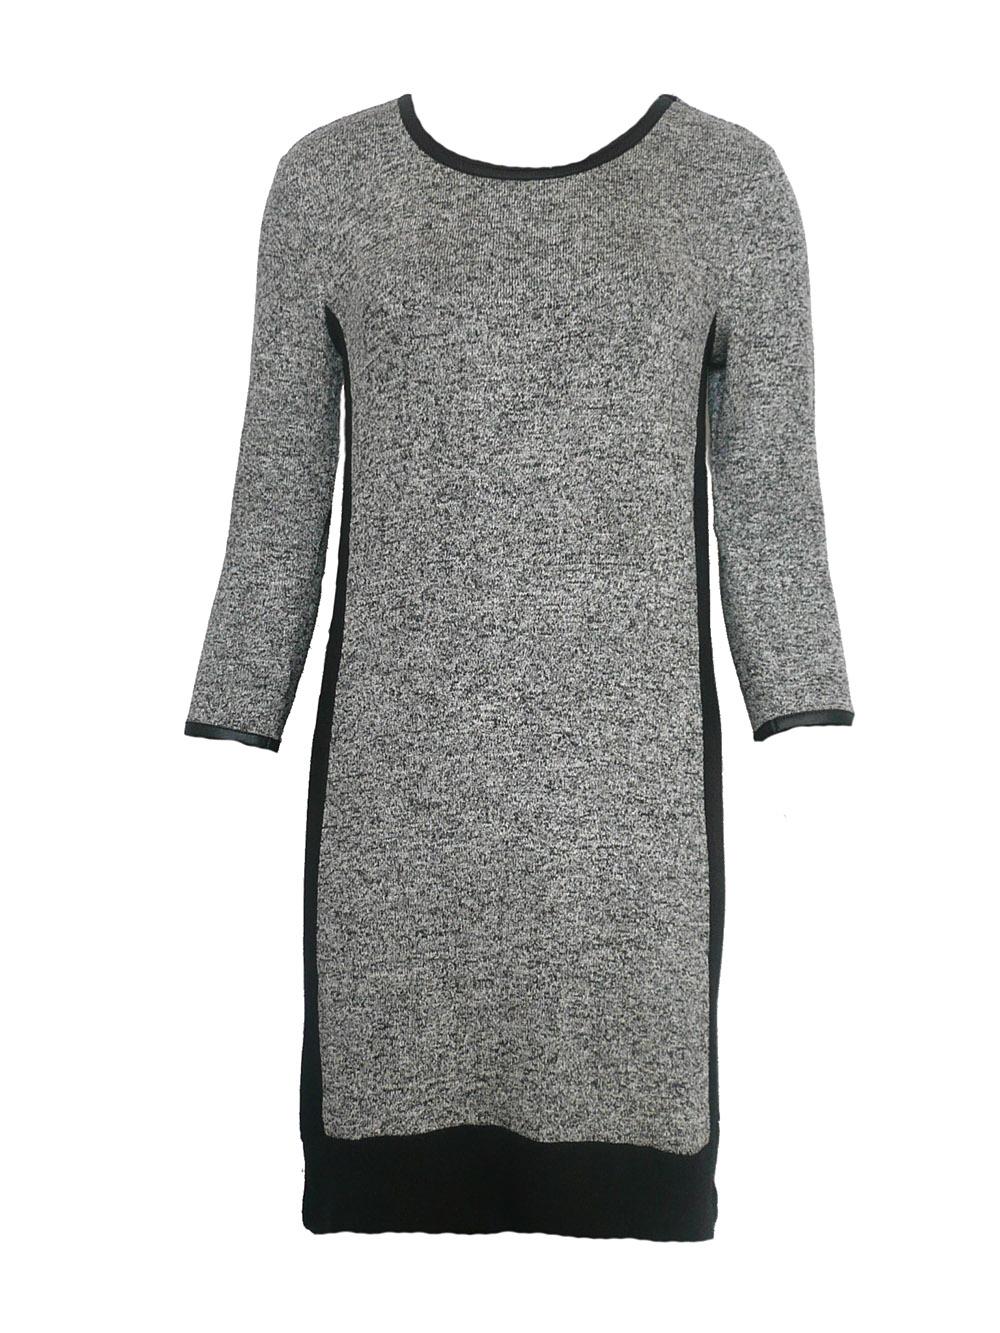 drs grey tweed knit.jpg